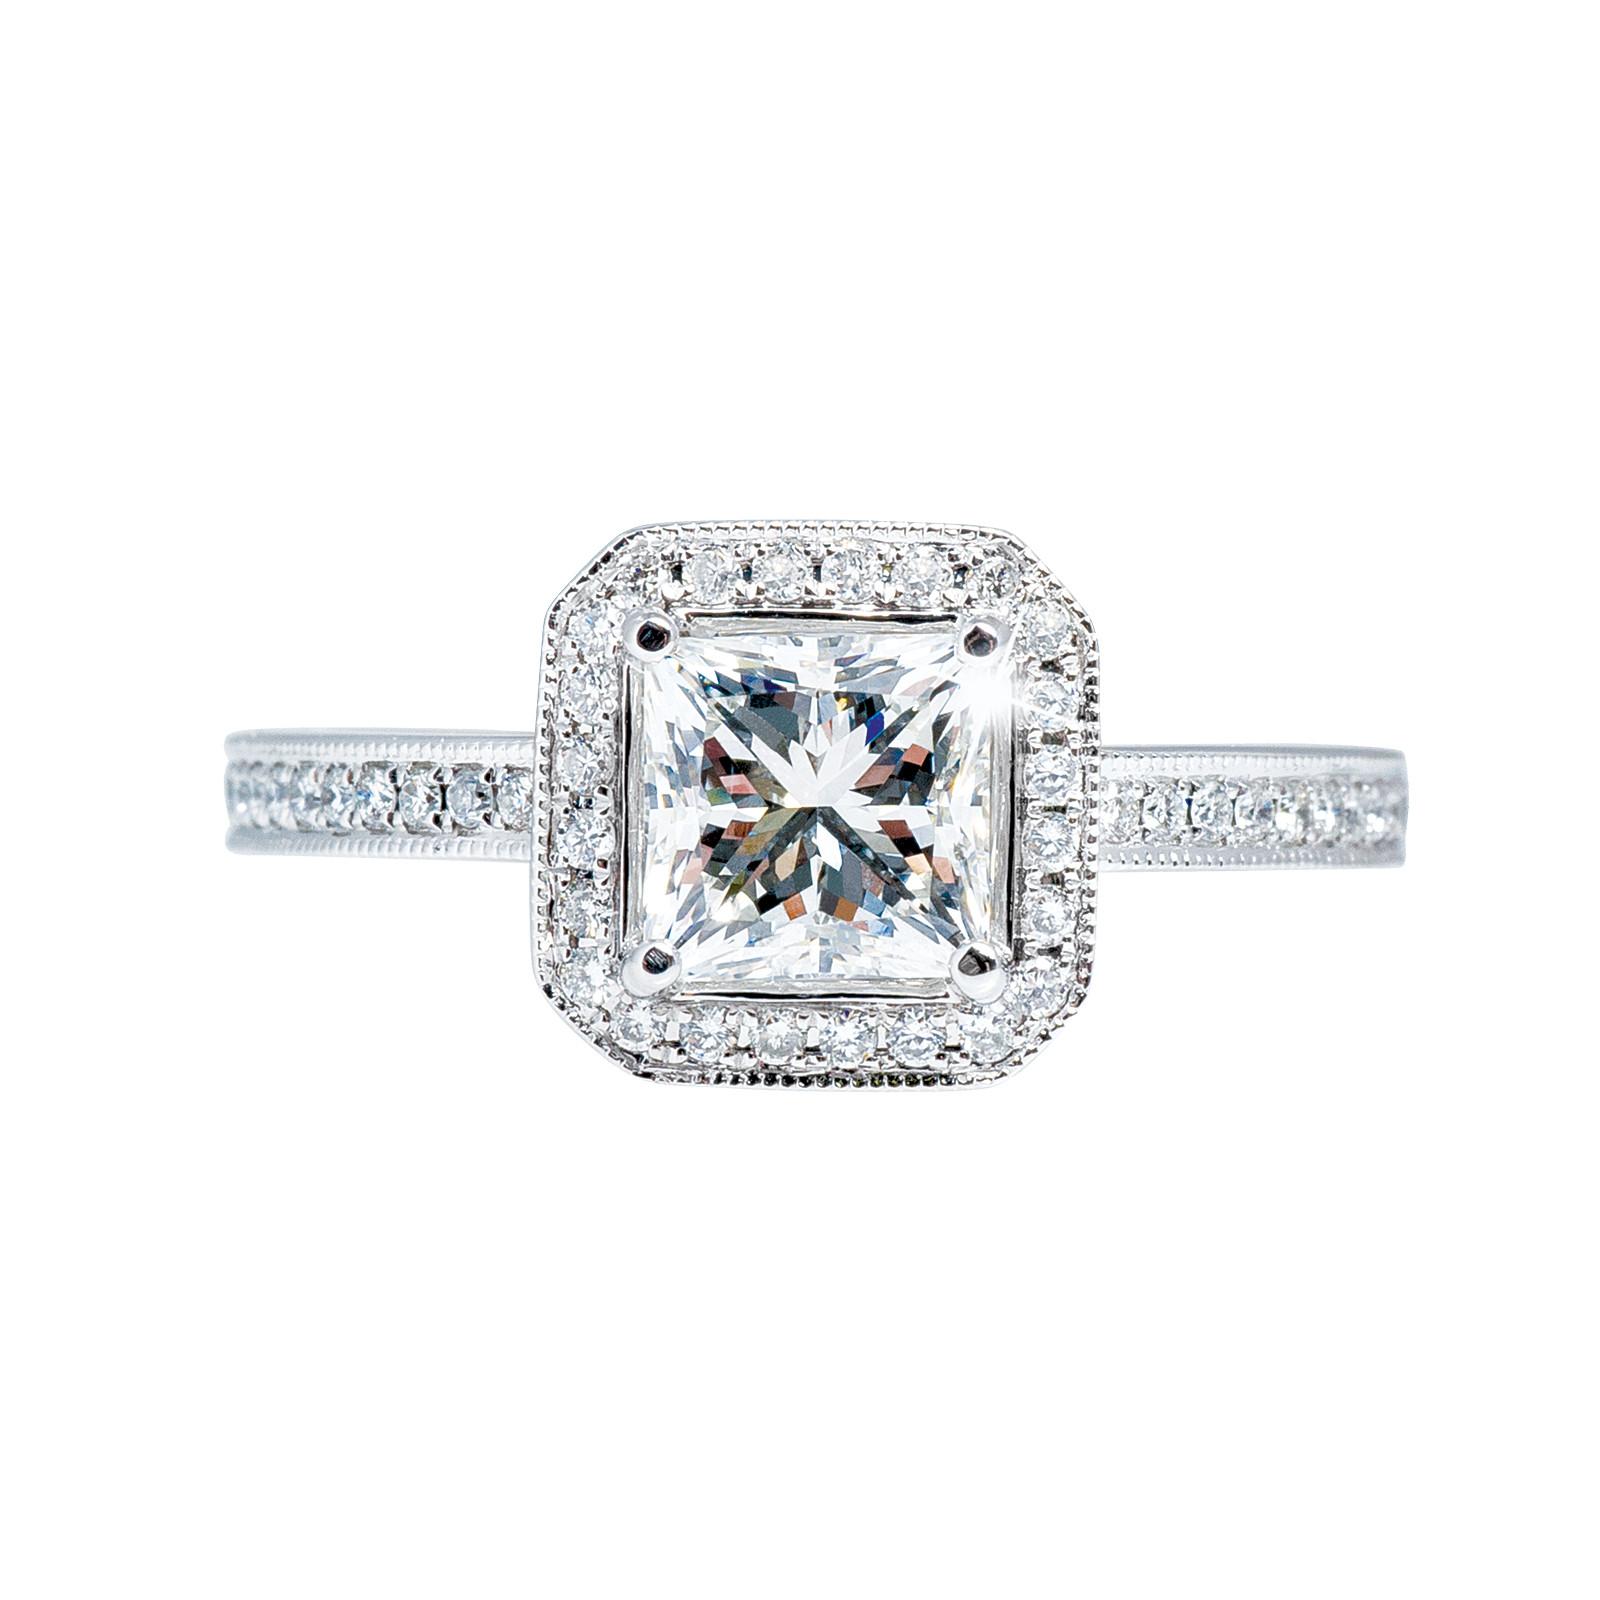 New Venetti 1.49 ctw Diamond Engagement Ring